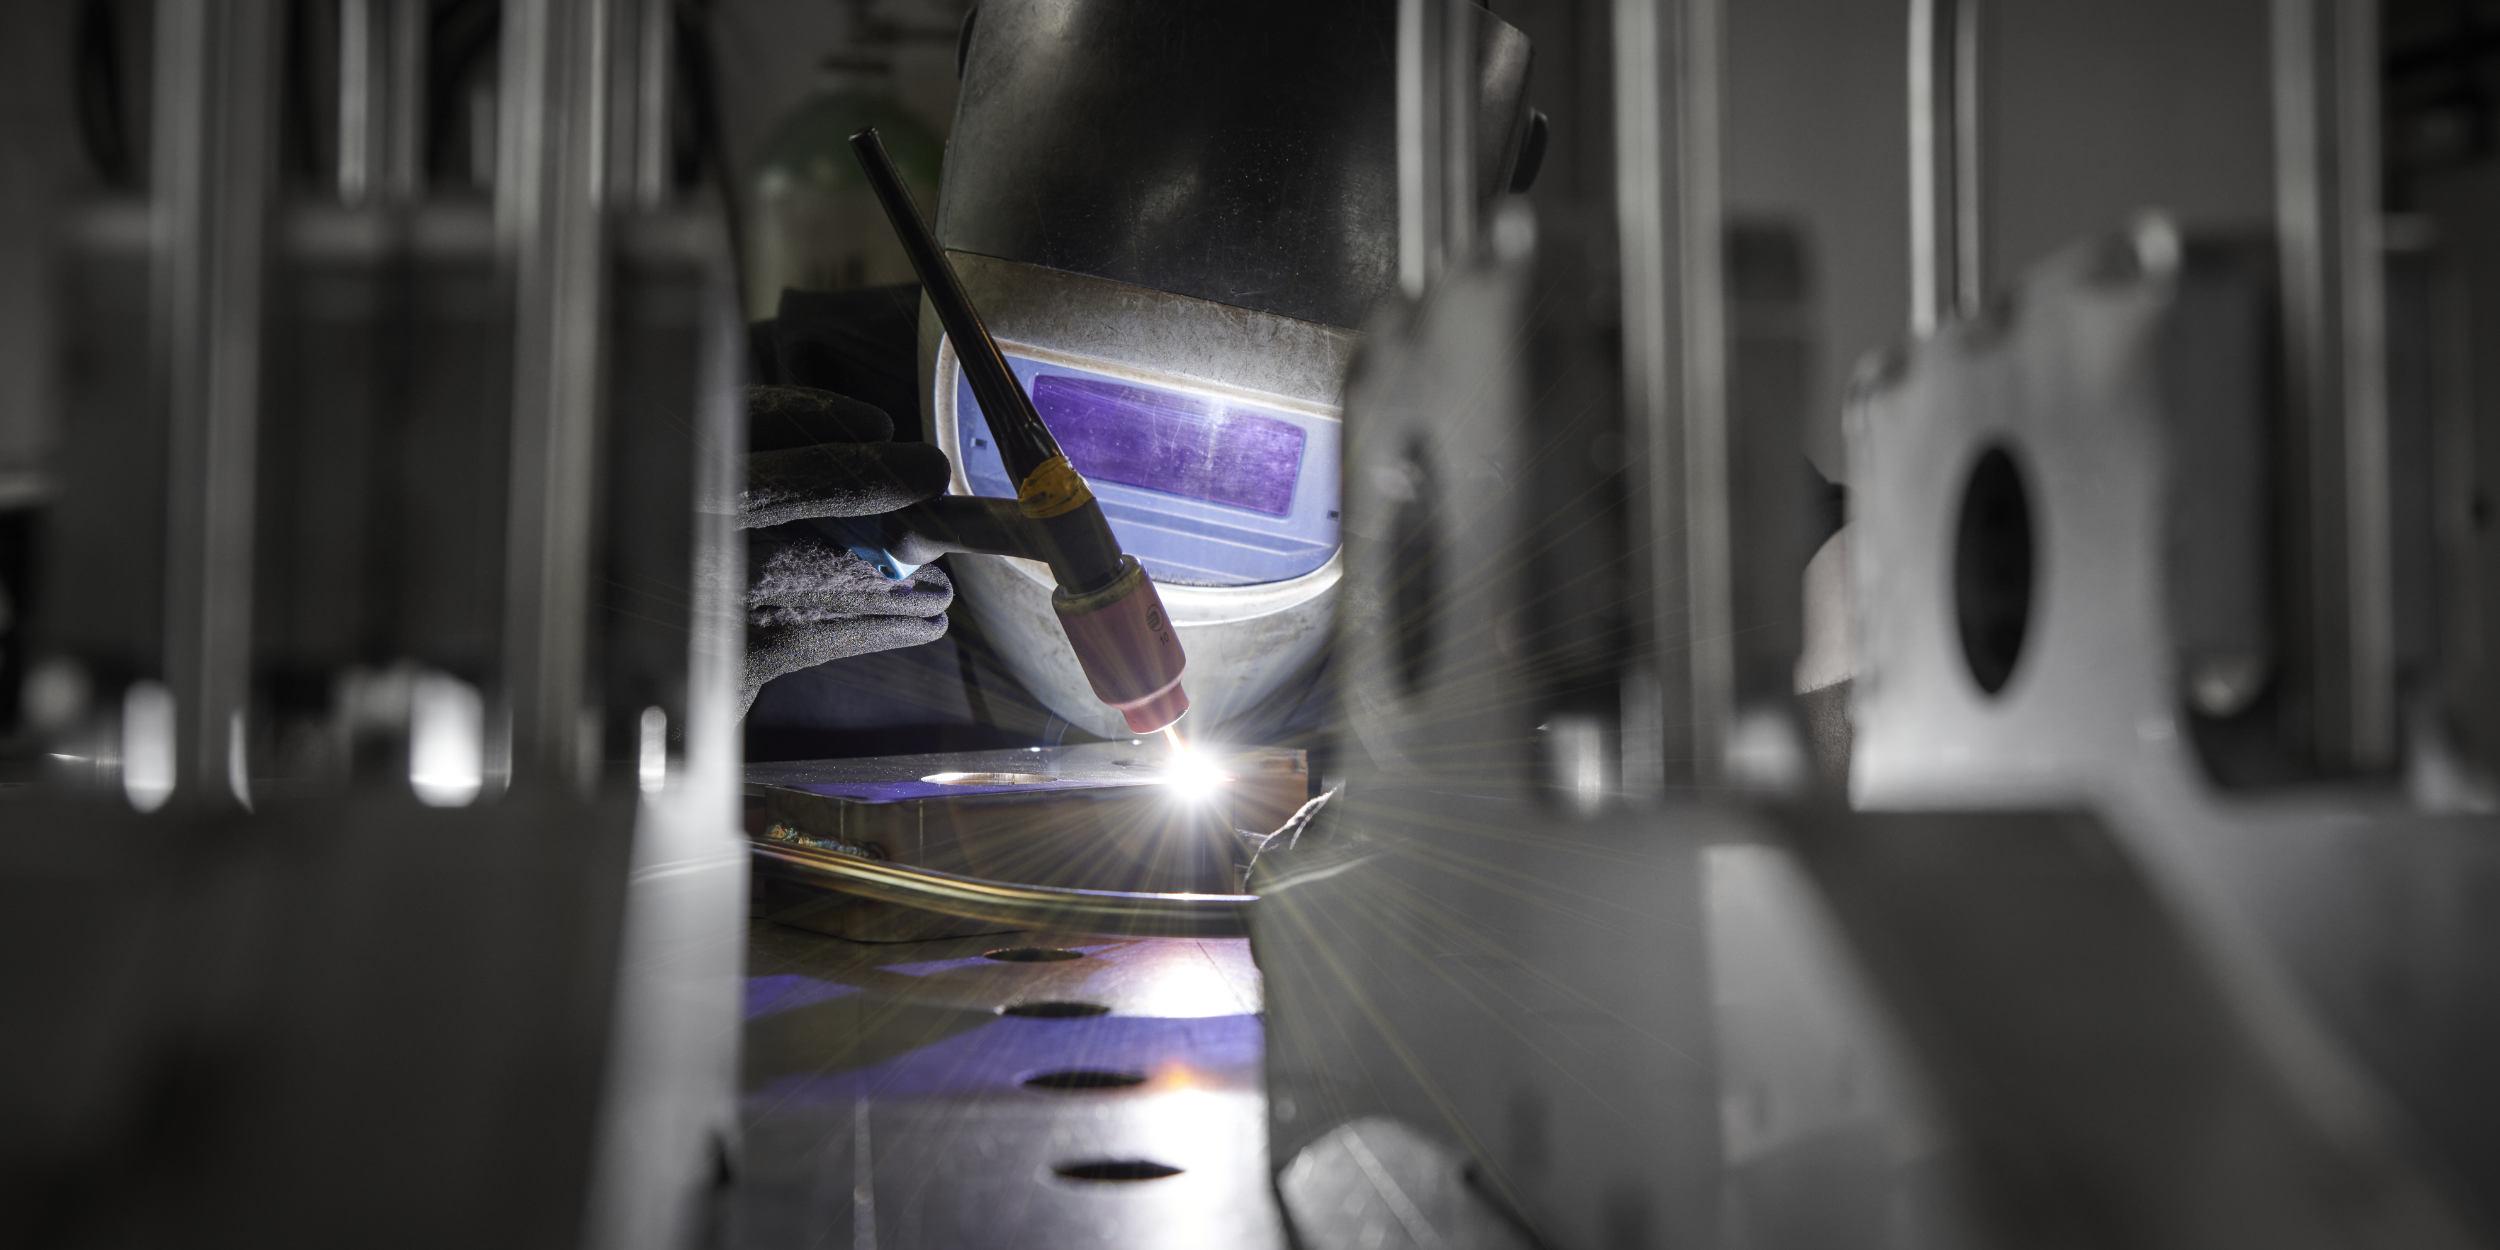 Industriefotografie Stuttgart und Umgebung CEM Blech Leonberg Höfingen Lasertechnik Schweissen Blechbearbeitung Imagebilder Industrie und Mensch Schweissen Schweisser Maske Blech schweissen Präzision